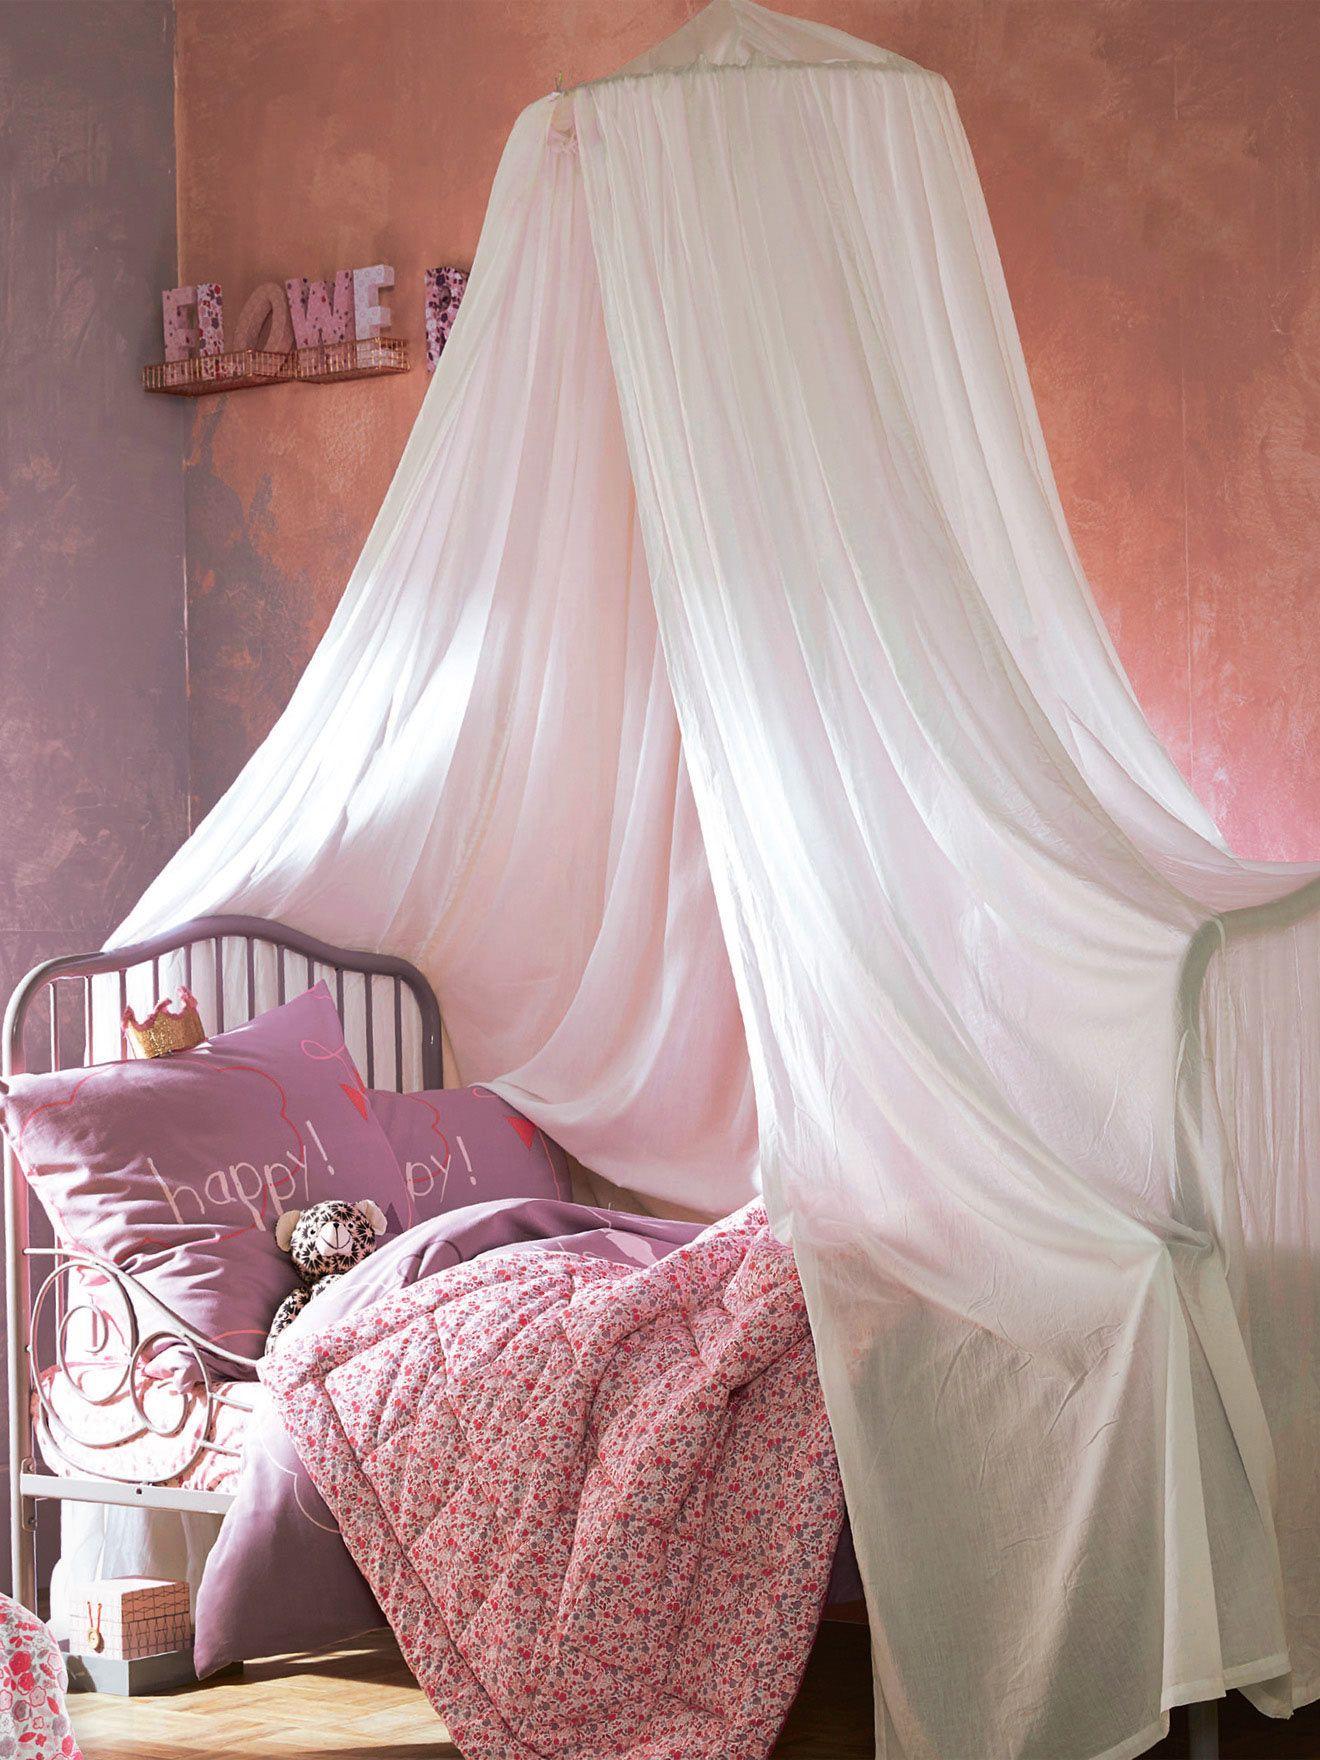 Vertbaudet Betthimmel für Kinder in weiß | Kids room | Pinterest ...